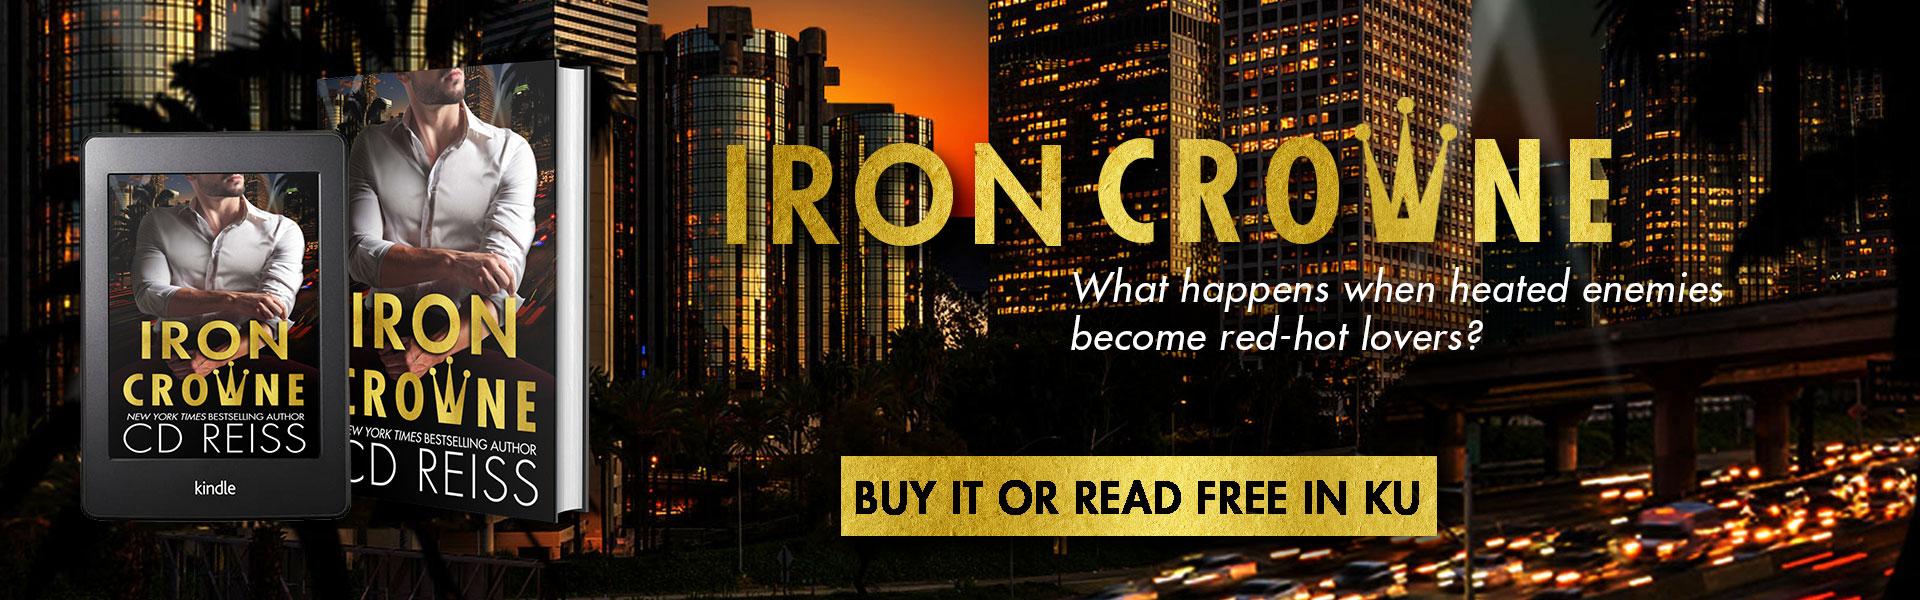 Get Iron Crowne